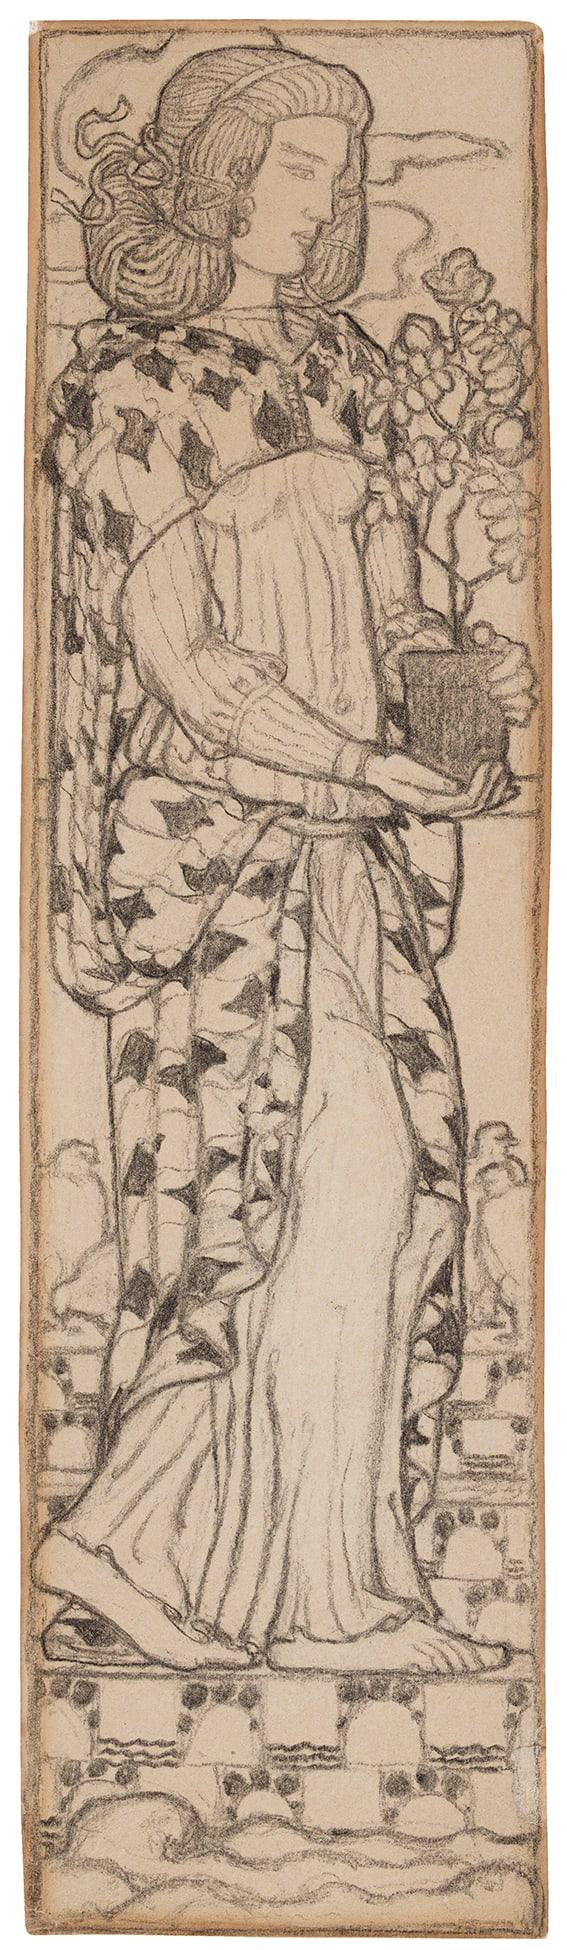 MOIRET Edmund Odon (1883-1966) - Girl and plant.